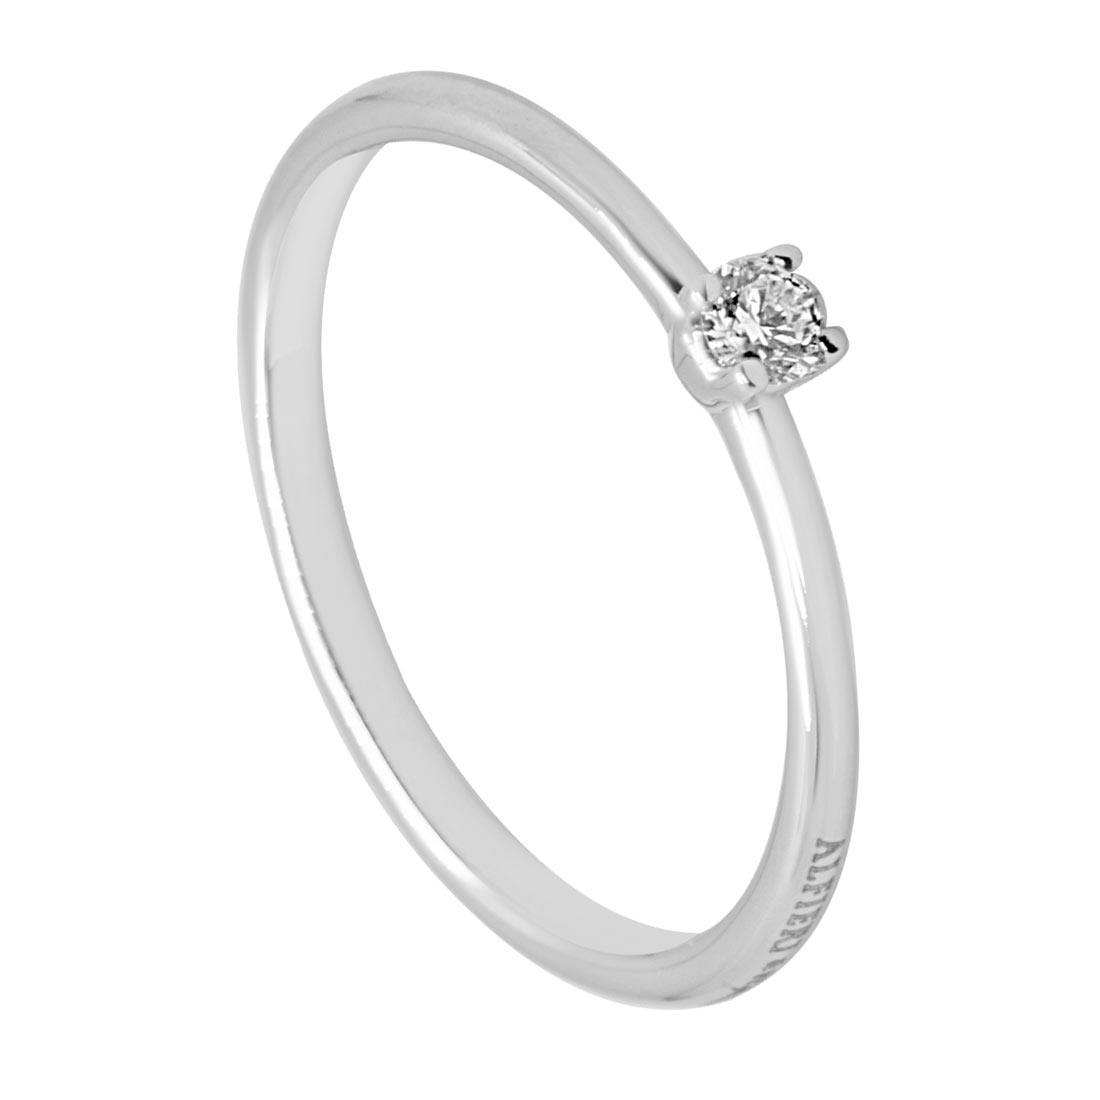 Anello solitario in oro bianco con diamante 0,08 ct mis 13 - ALFIERI ST JOHN